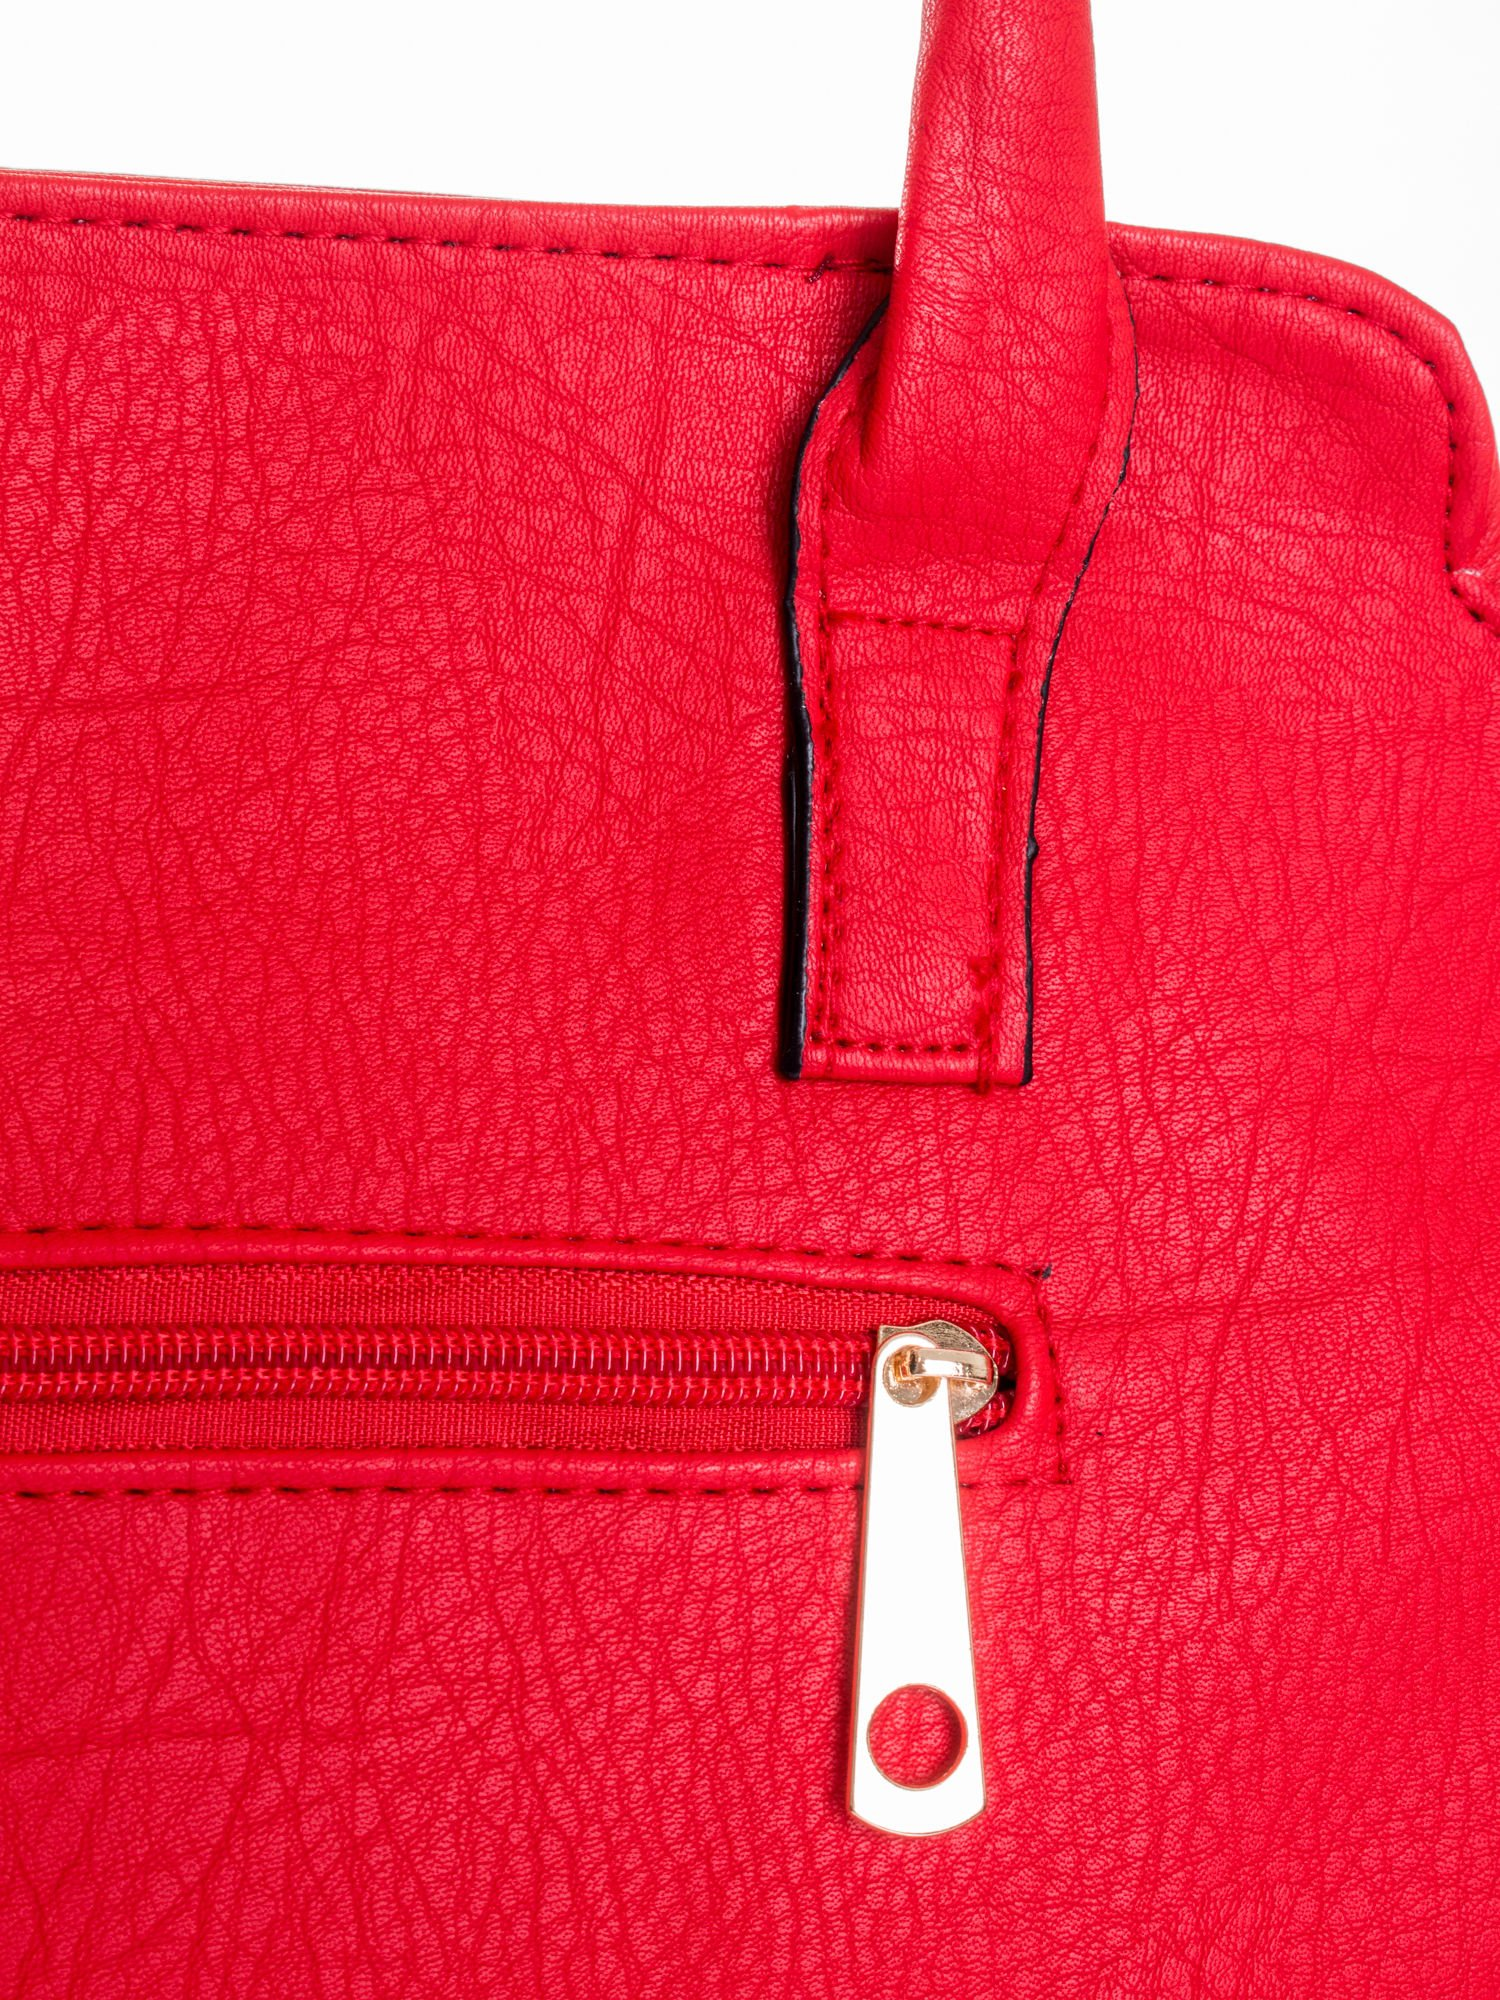 Czerwona torba shopper bag                                  zdj.                                  8